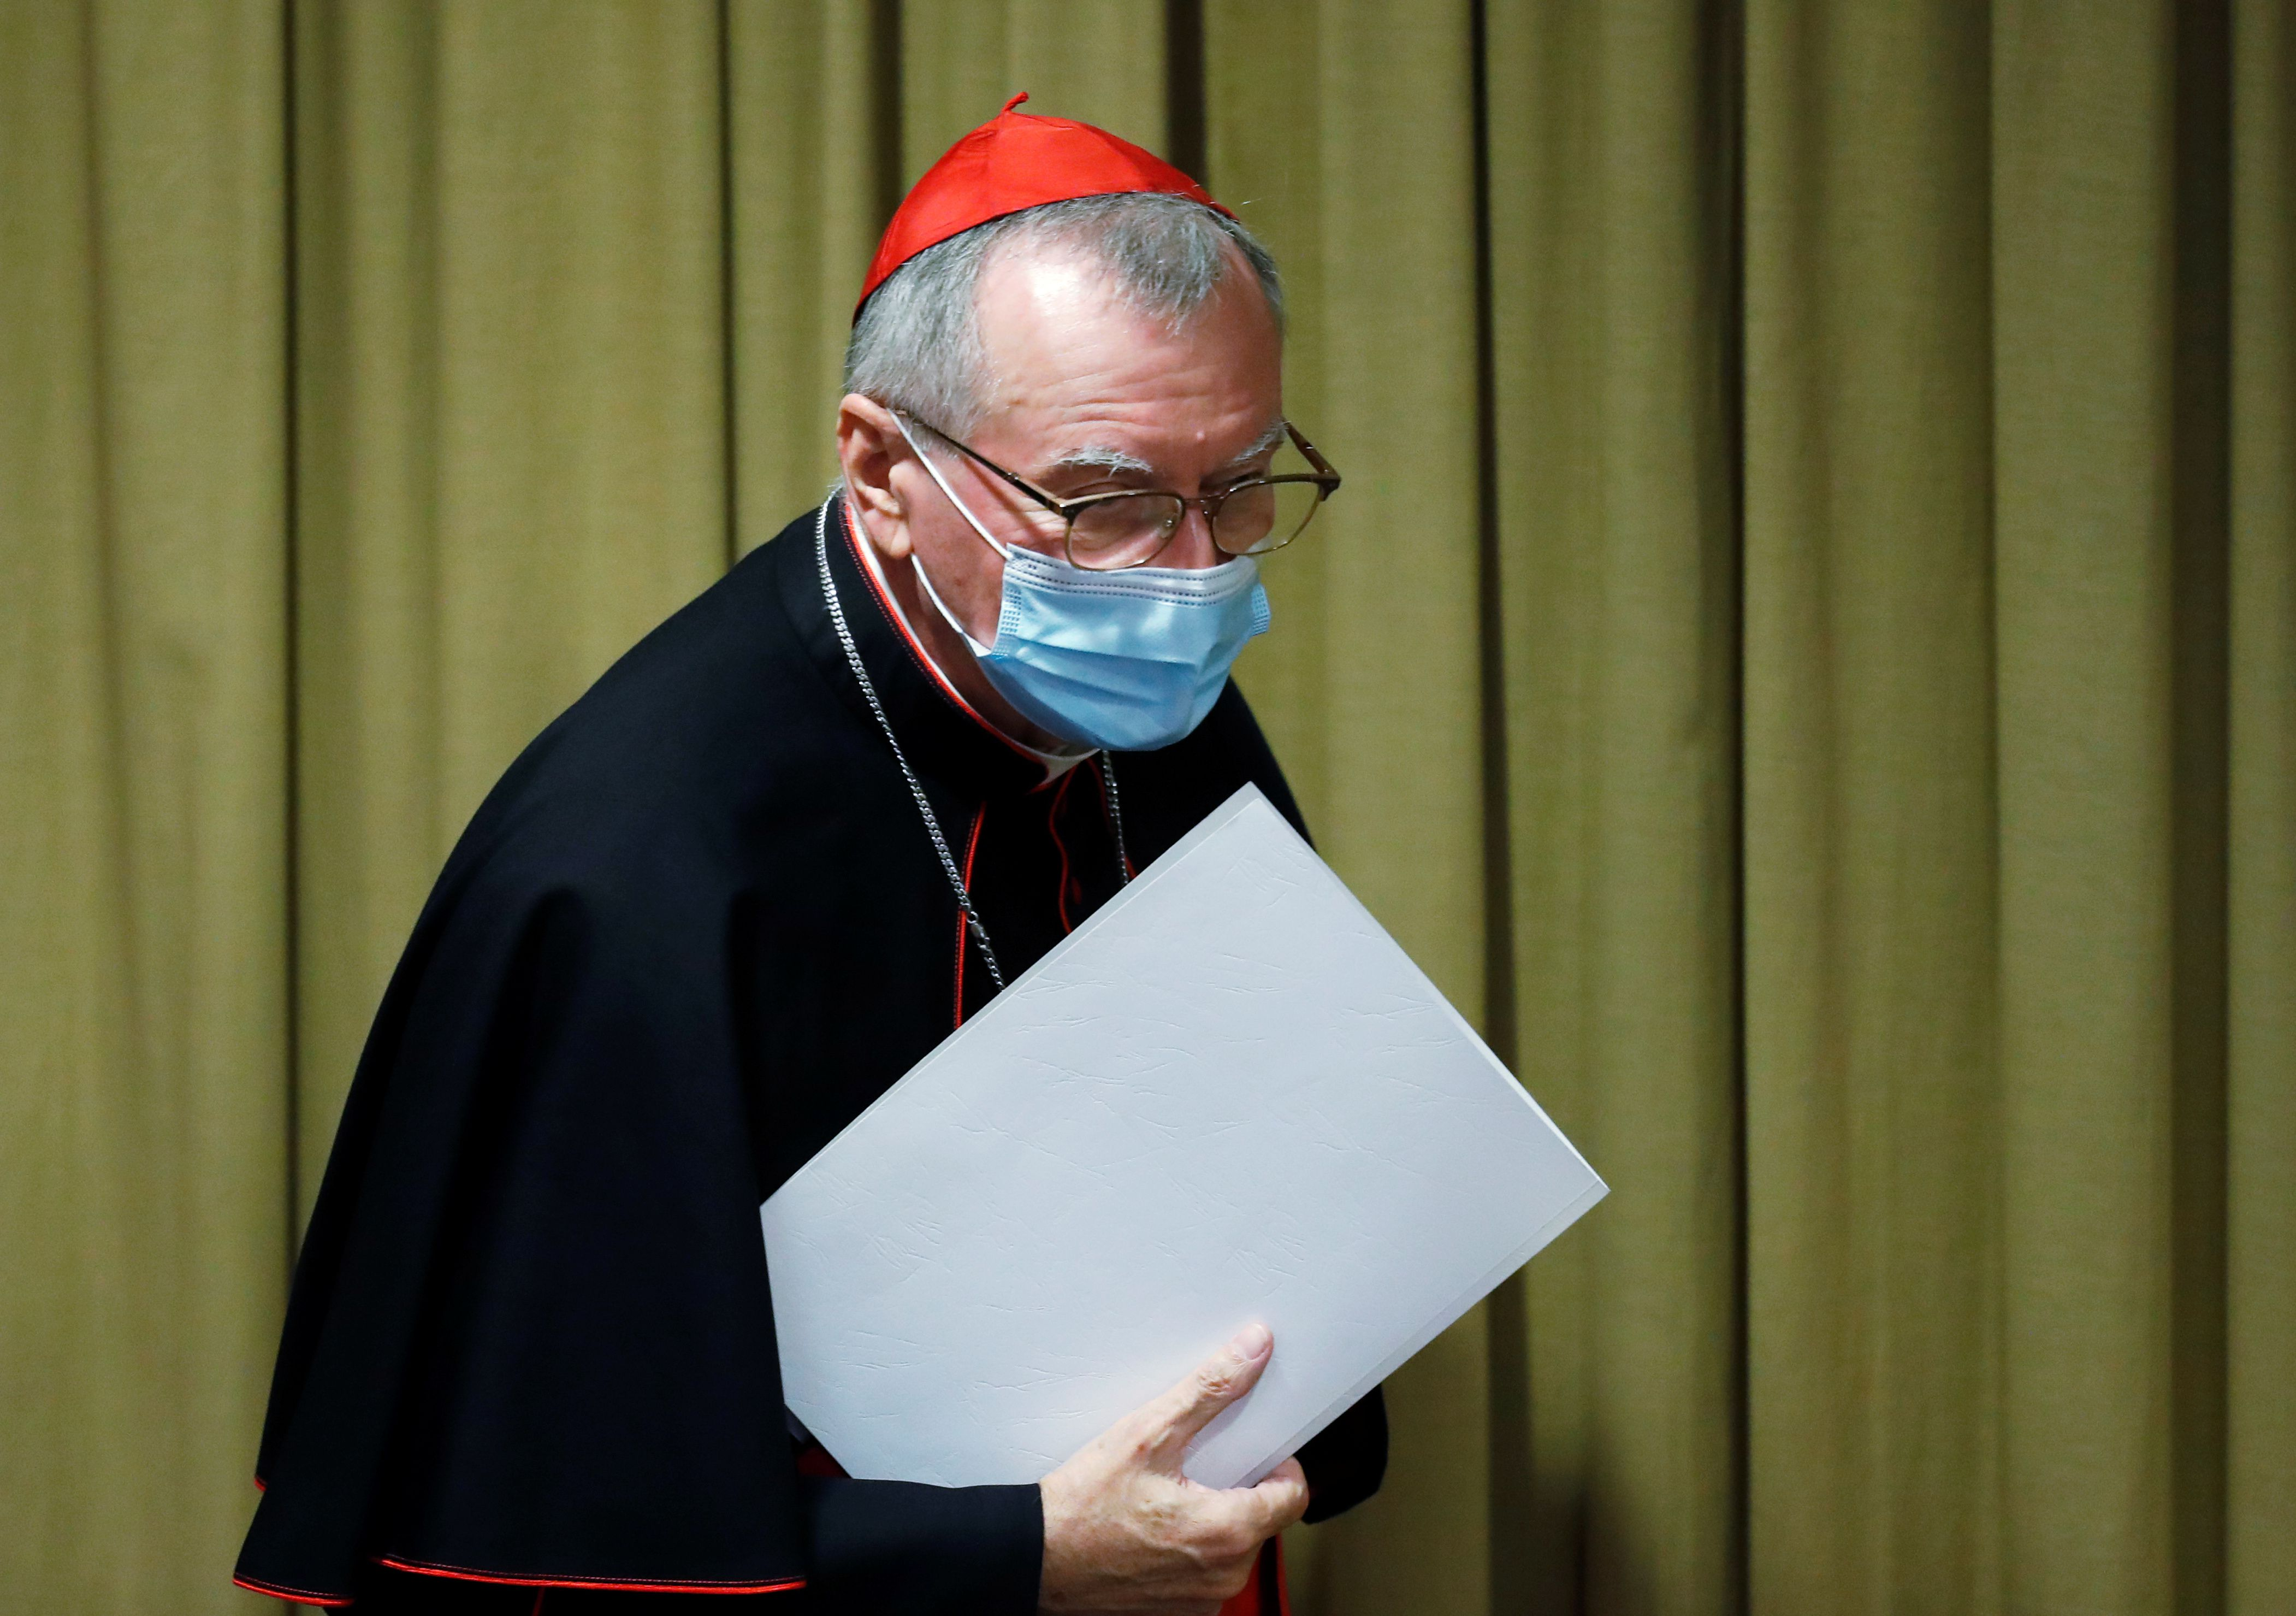 """El cardenal Pietro Parolin llega para la presentación de la encíclica del Papa Francisco titulada """"Fratelli Tutti"""" (Hermanos Todos) en el Vaticano, el 4 de octubre de 2020 (REUTERS)"""